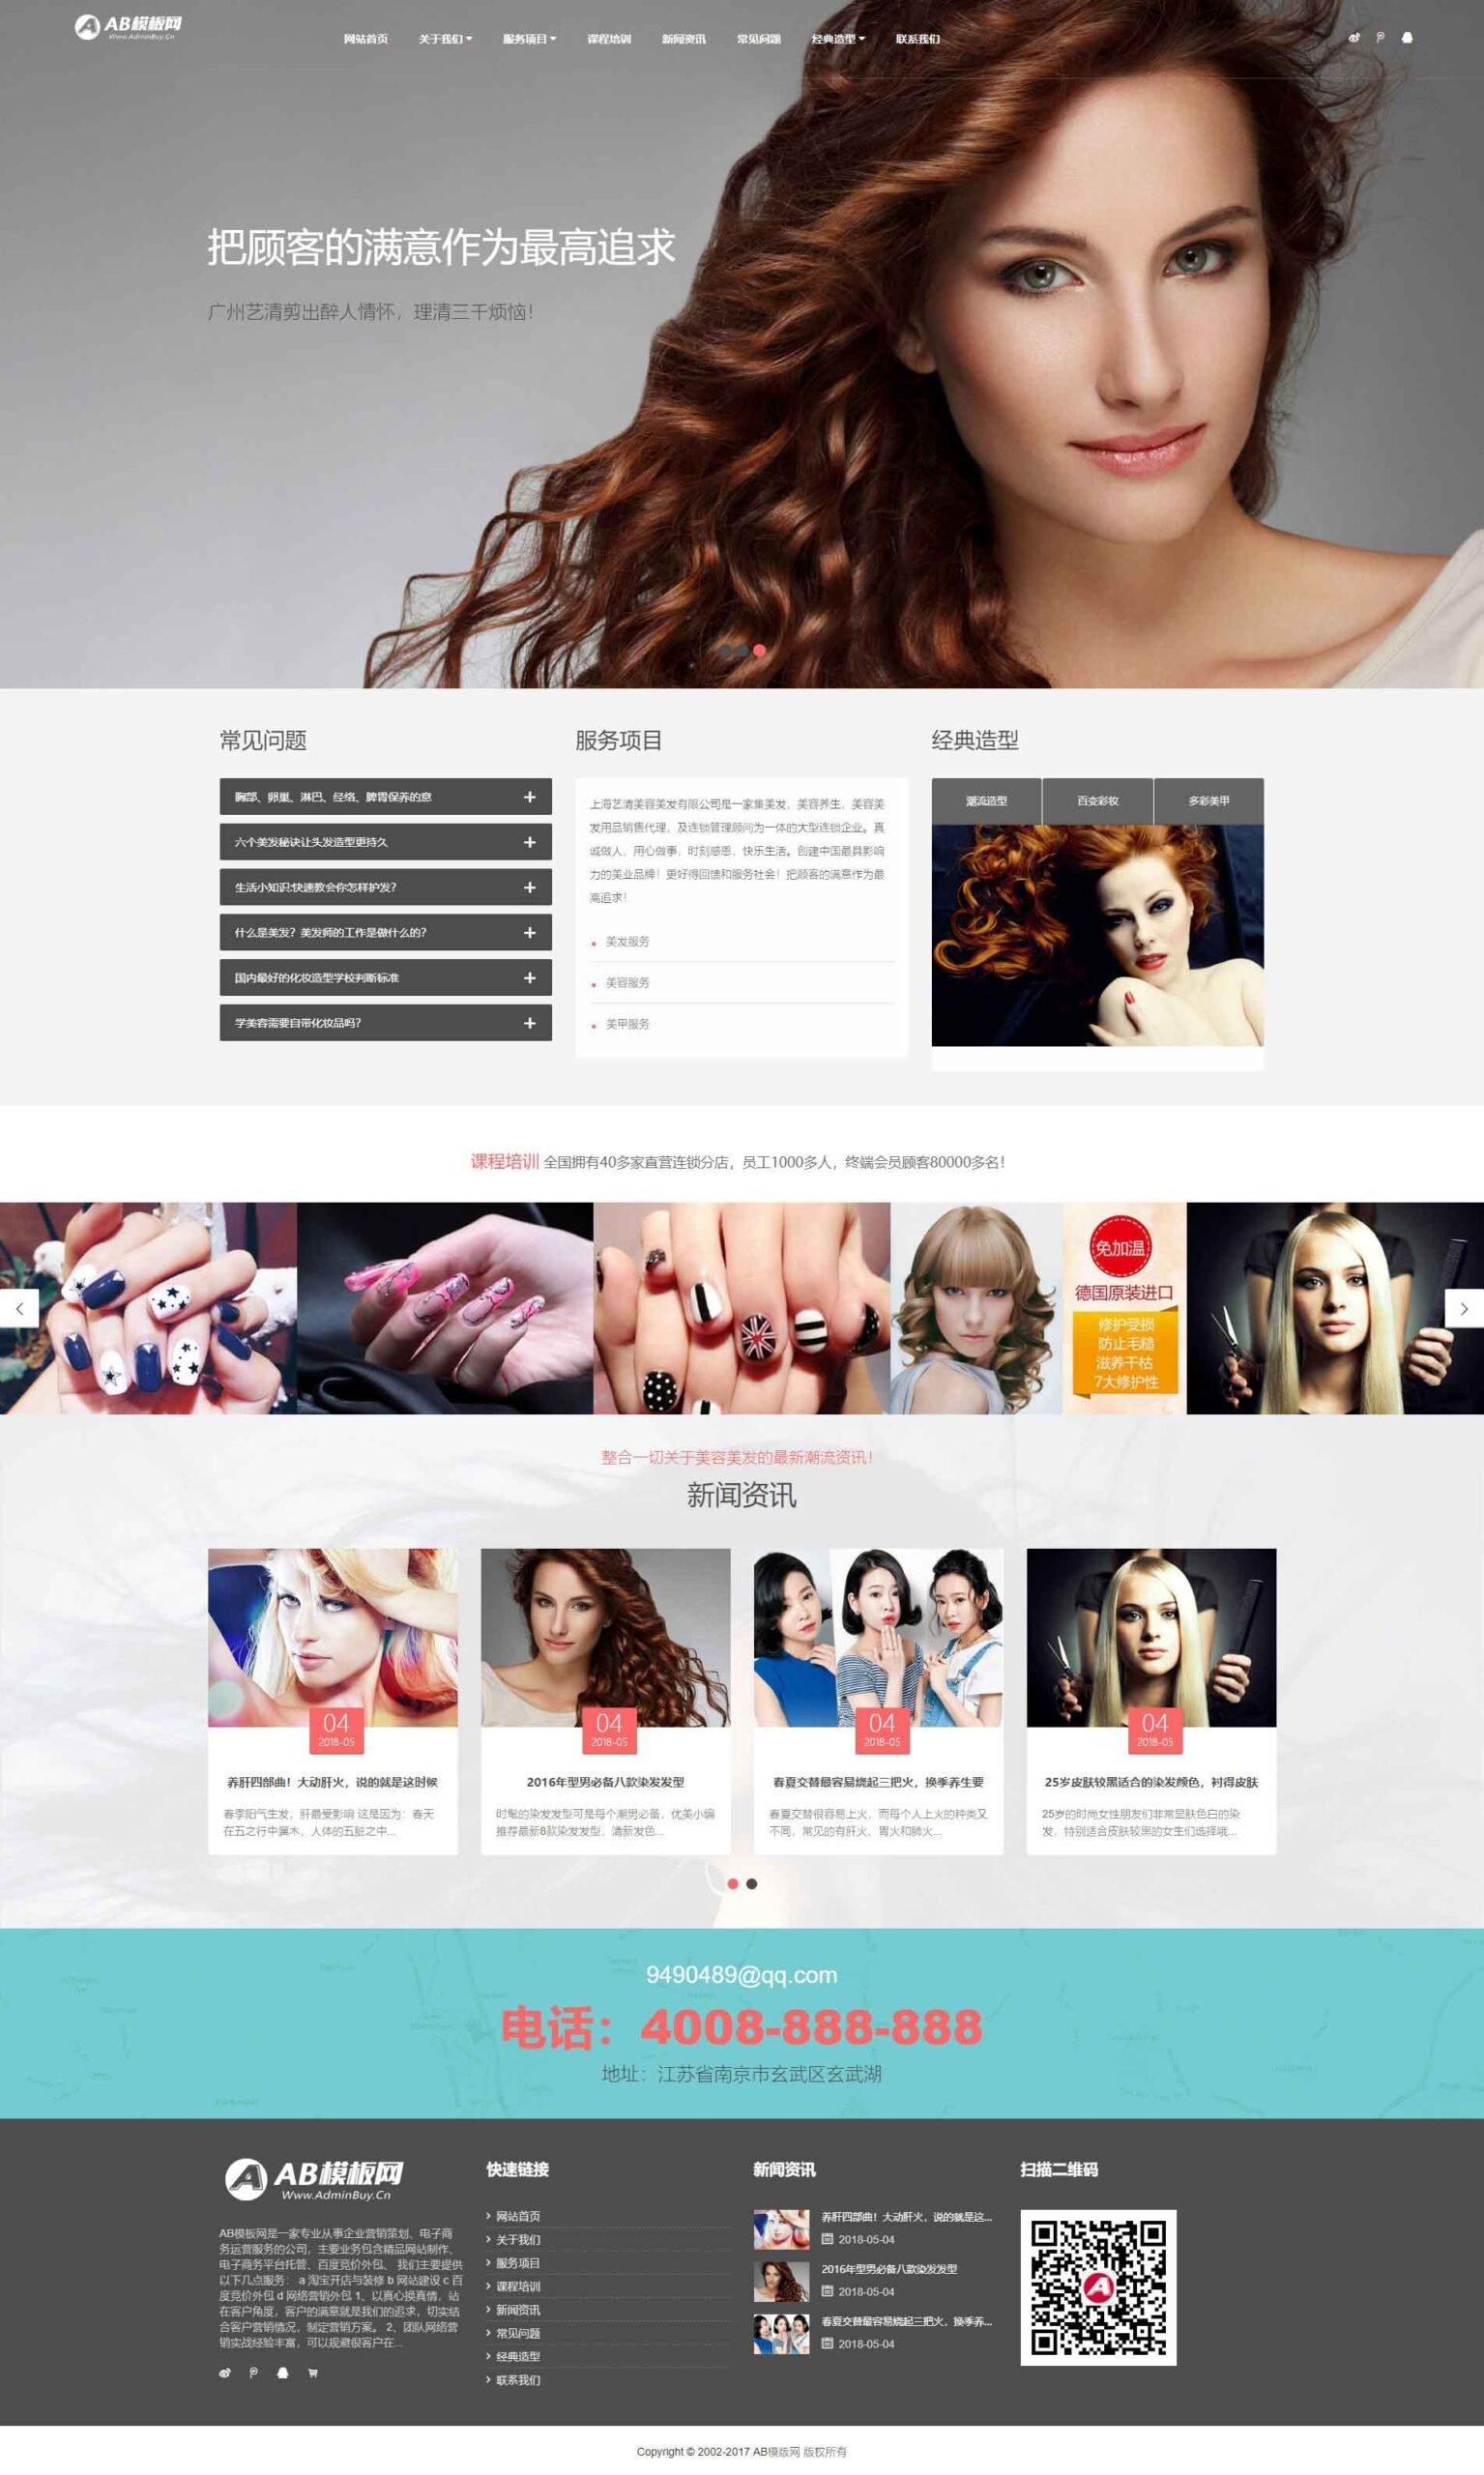 美容美发养生企业网站织梦dede模板源码[自适应手机版]插图